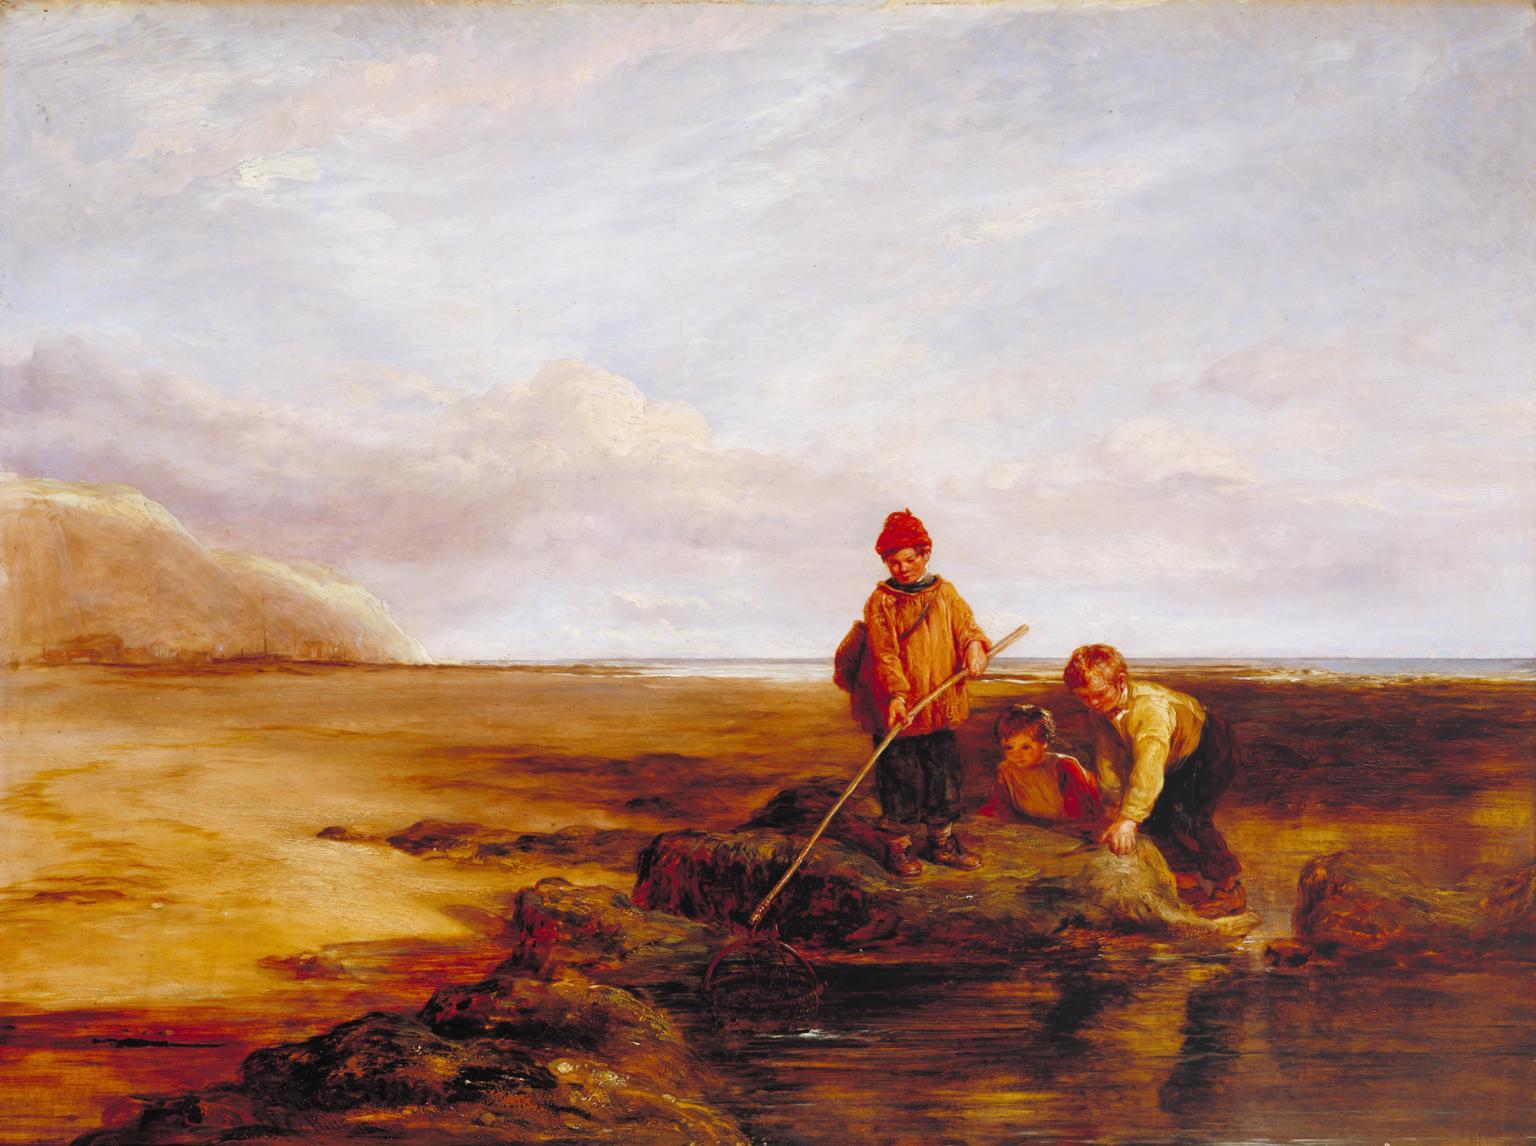 Omaž ribolovcu i ribolovu N00352_10